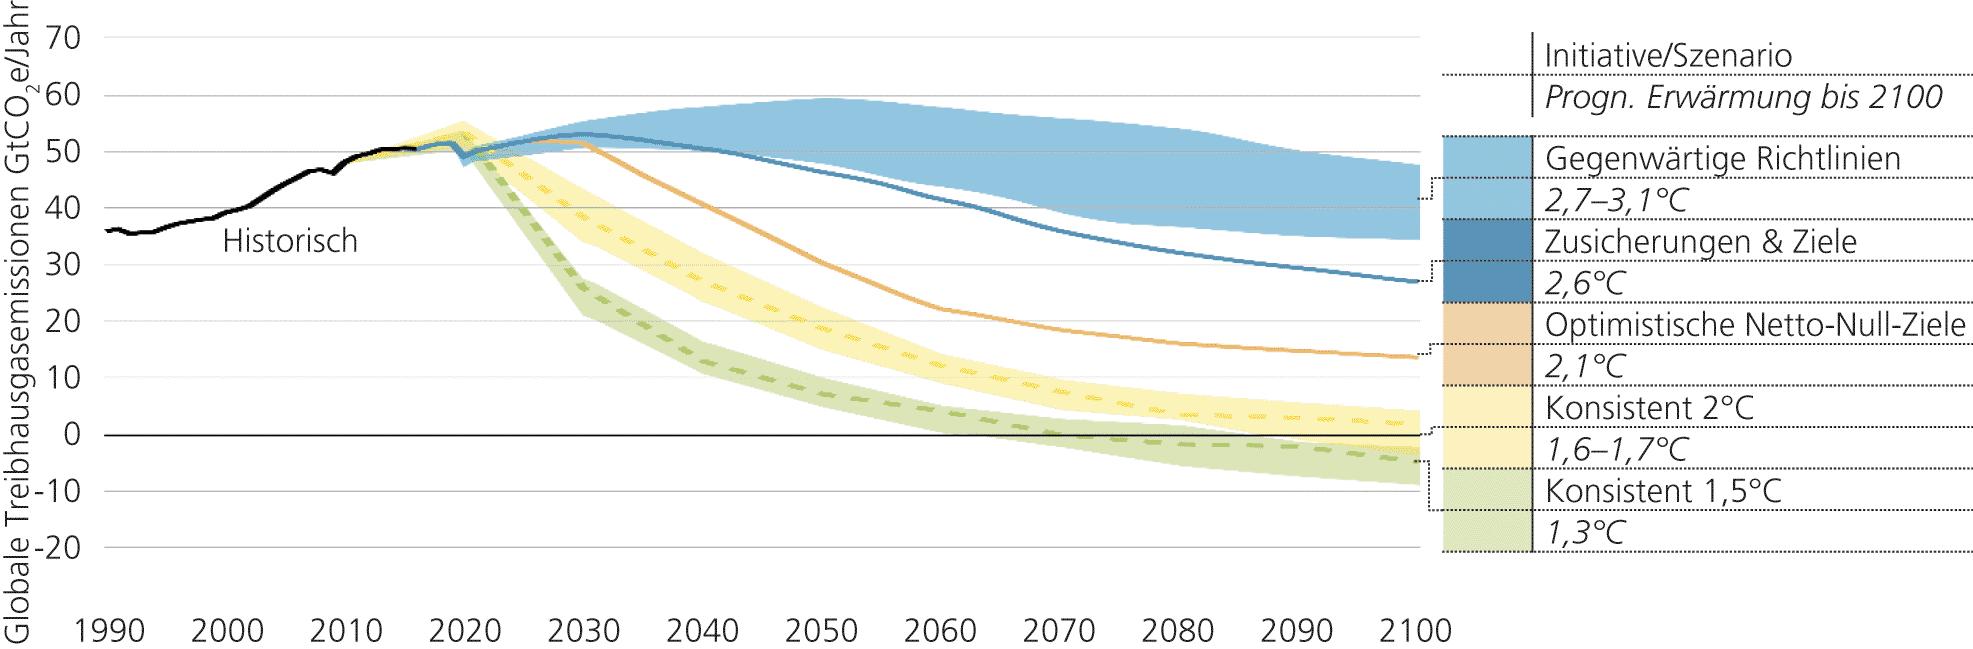 Abb. 2: Prognosen zur globalen Erwärmung bis zum Jahr 2100: Emissionen und erwartete Erwärmung auf Basis von Absichtserklärungen und aktueller politischer Maßnahmen per 12/2020